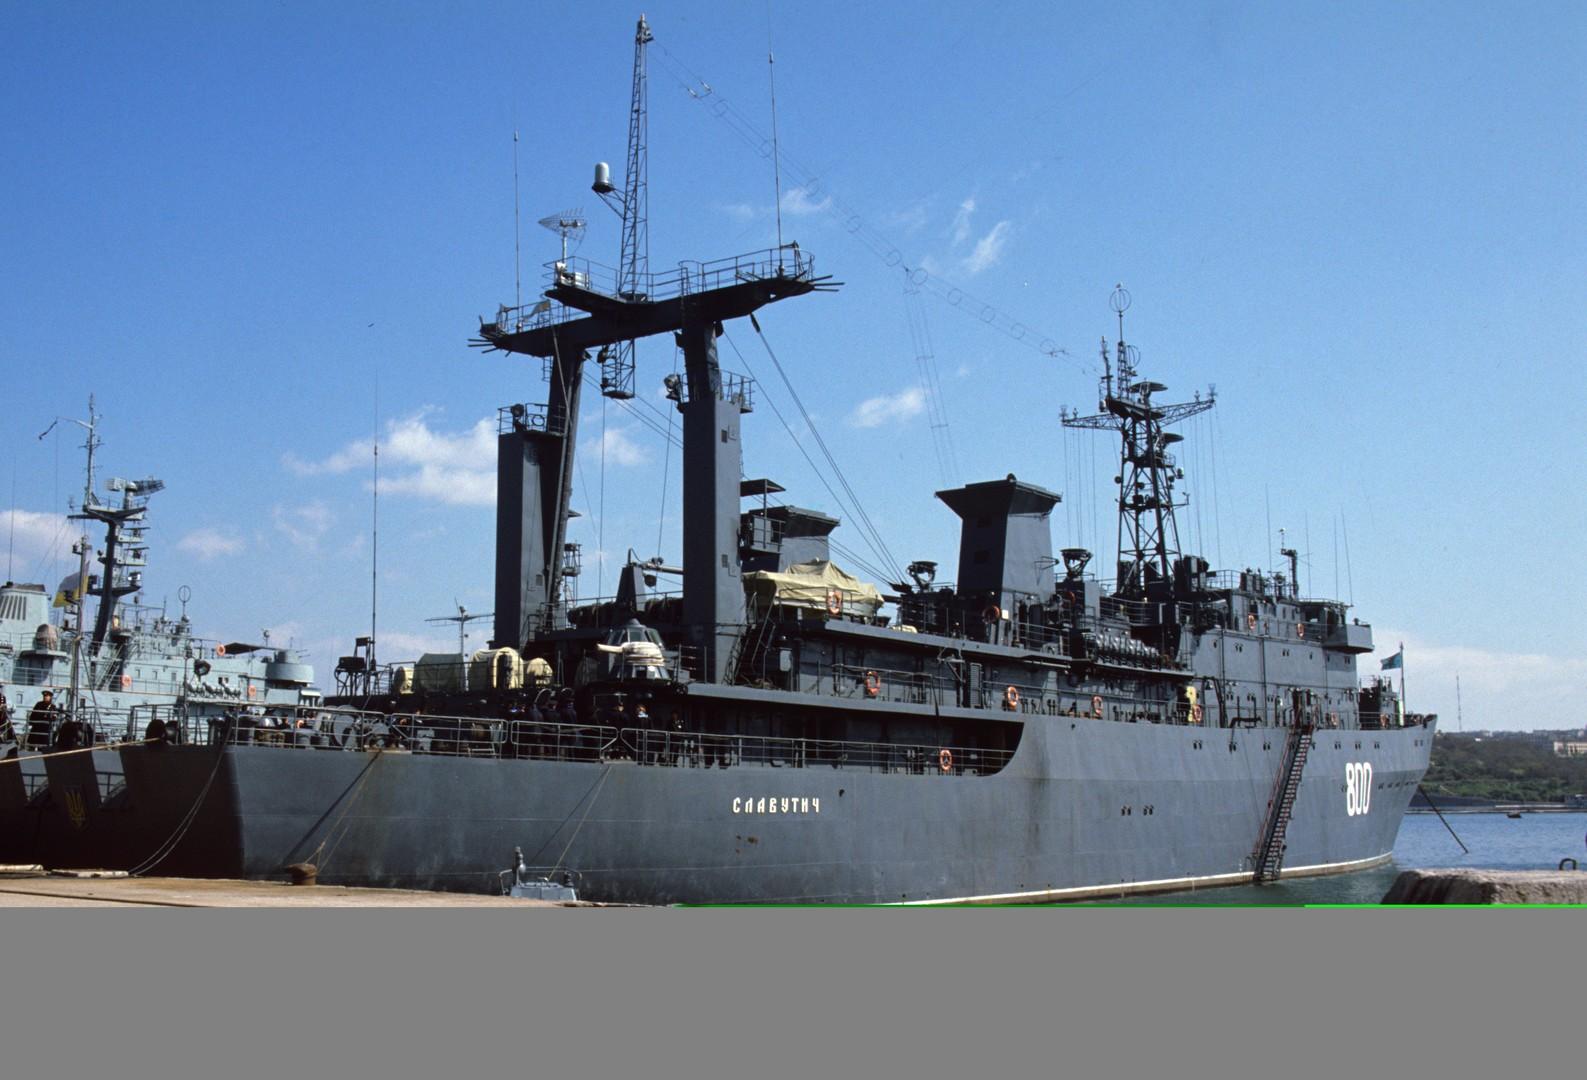 Russland bietet Rückgabe ukrainischer Militärtechnik auf der Krim an - Kiew schweigt